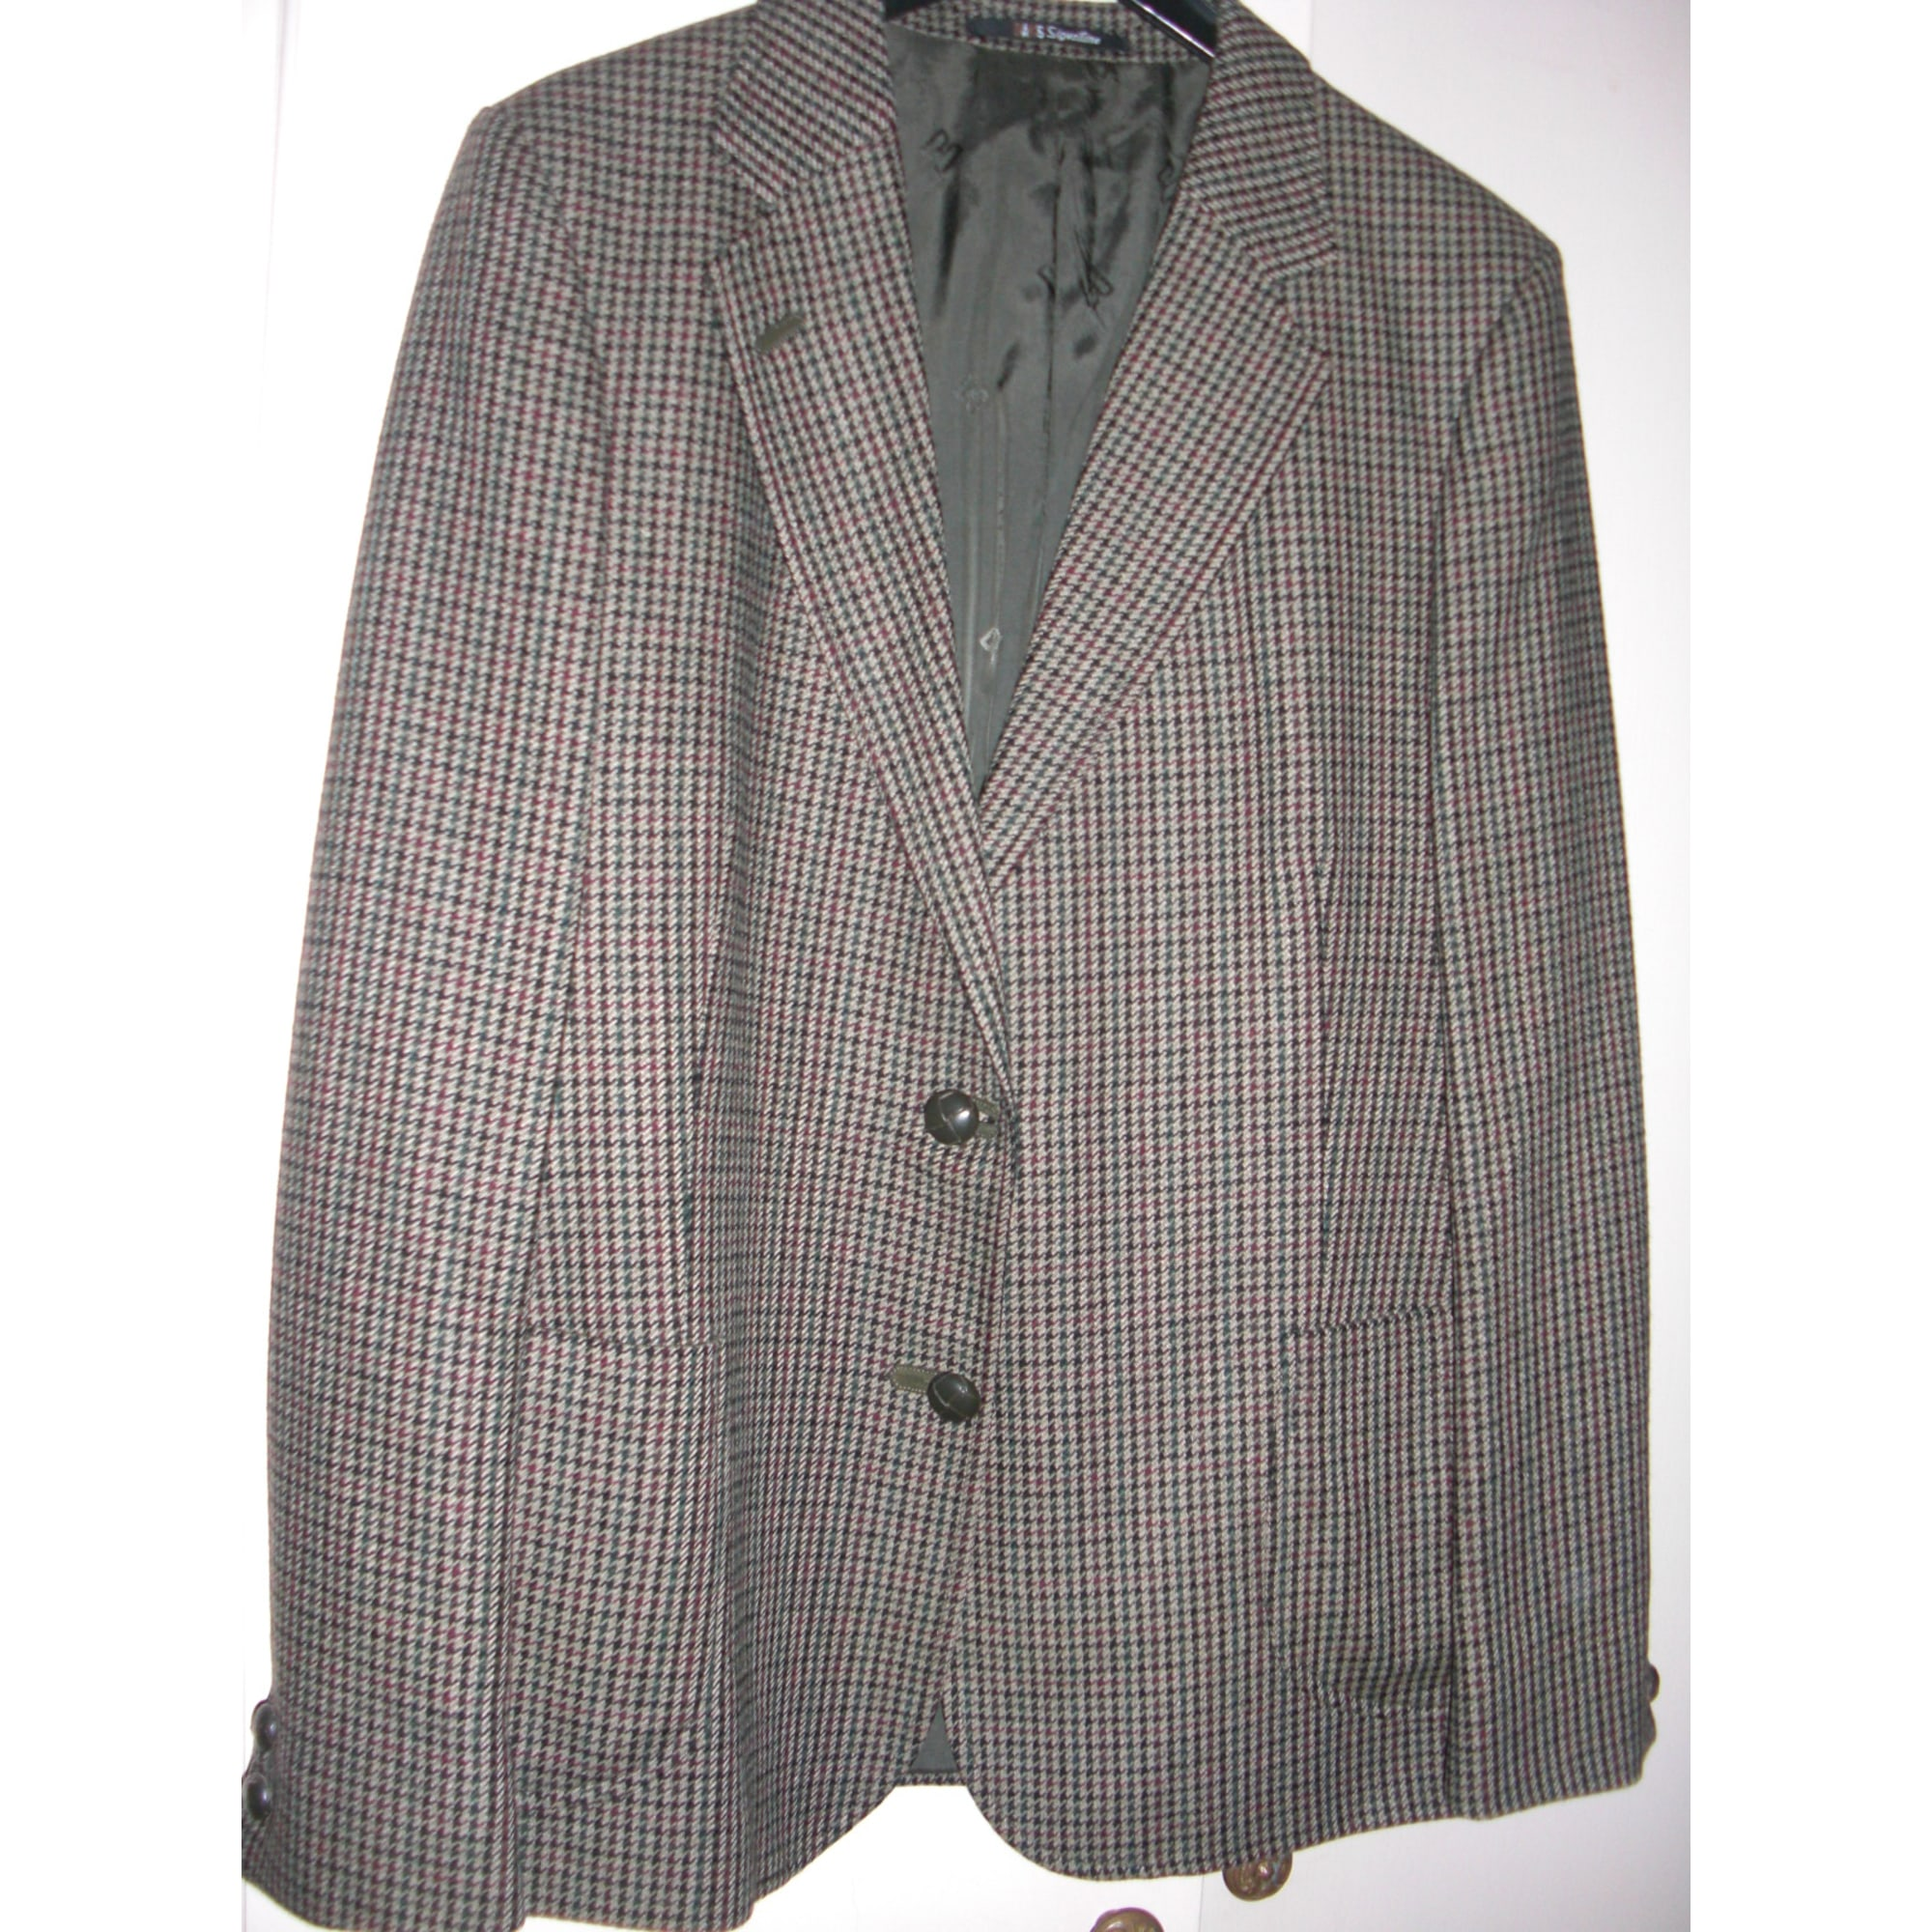 Blazer, veste tailleur SIGNATURE DAK'S  LONDON Beige, camel